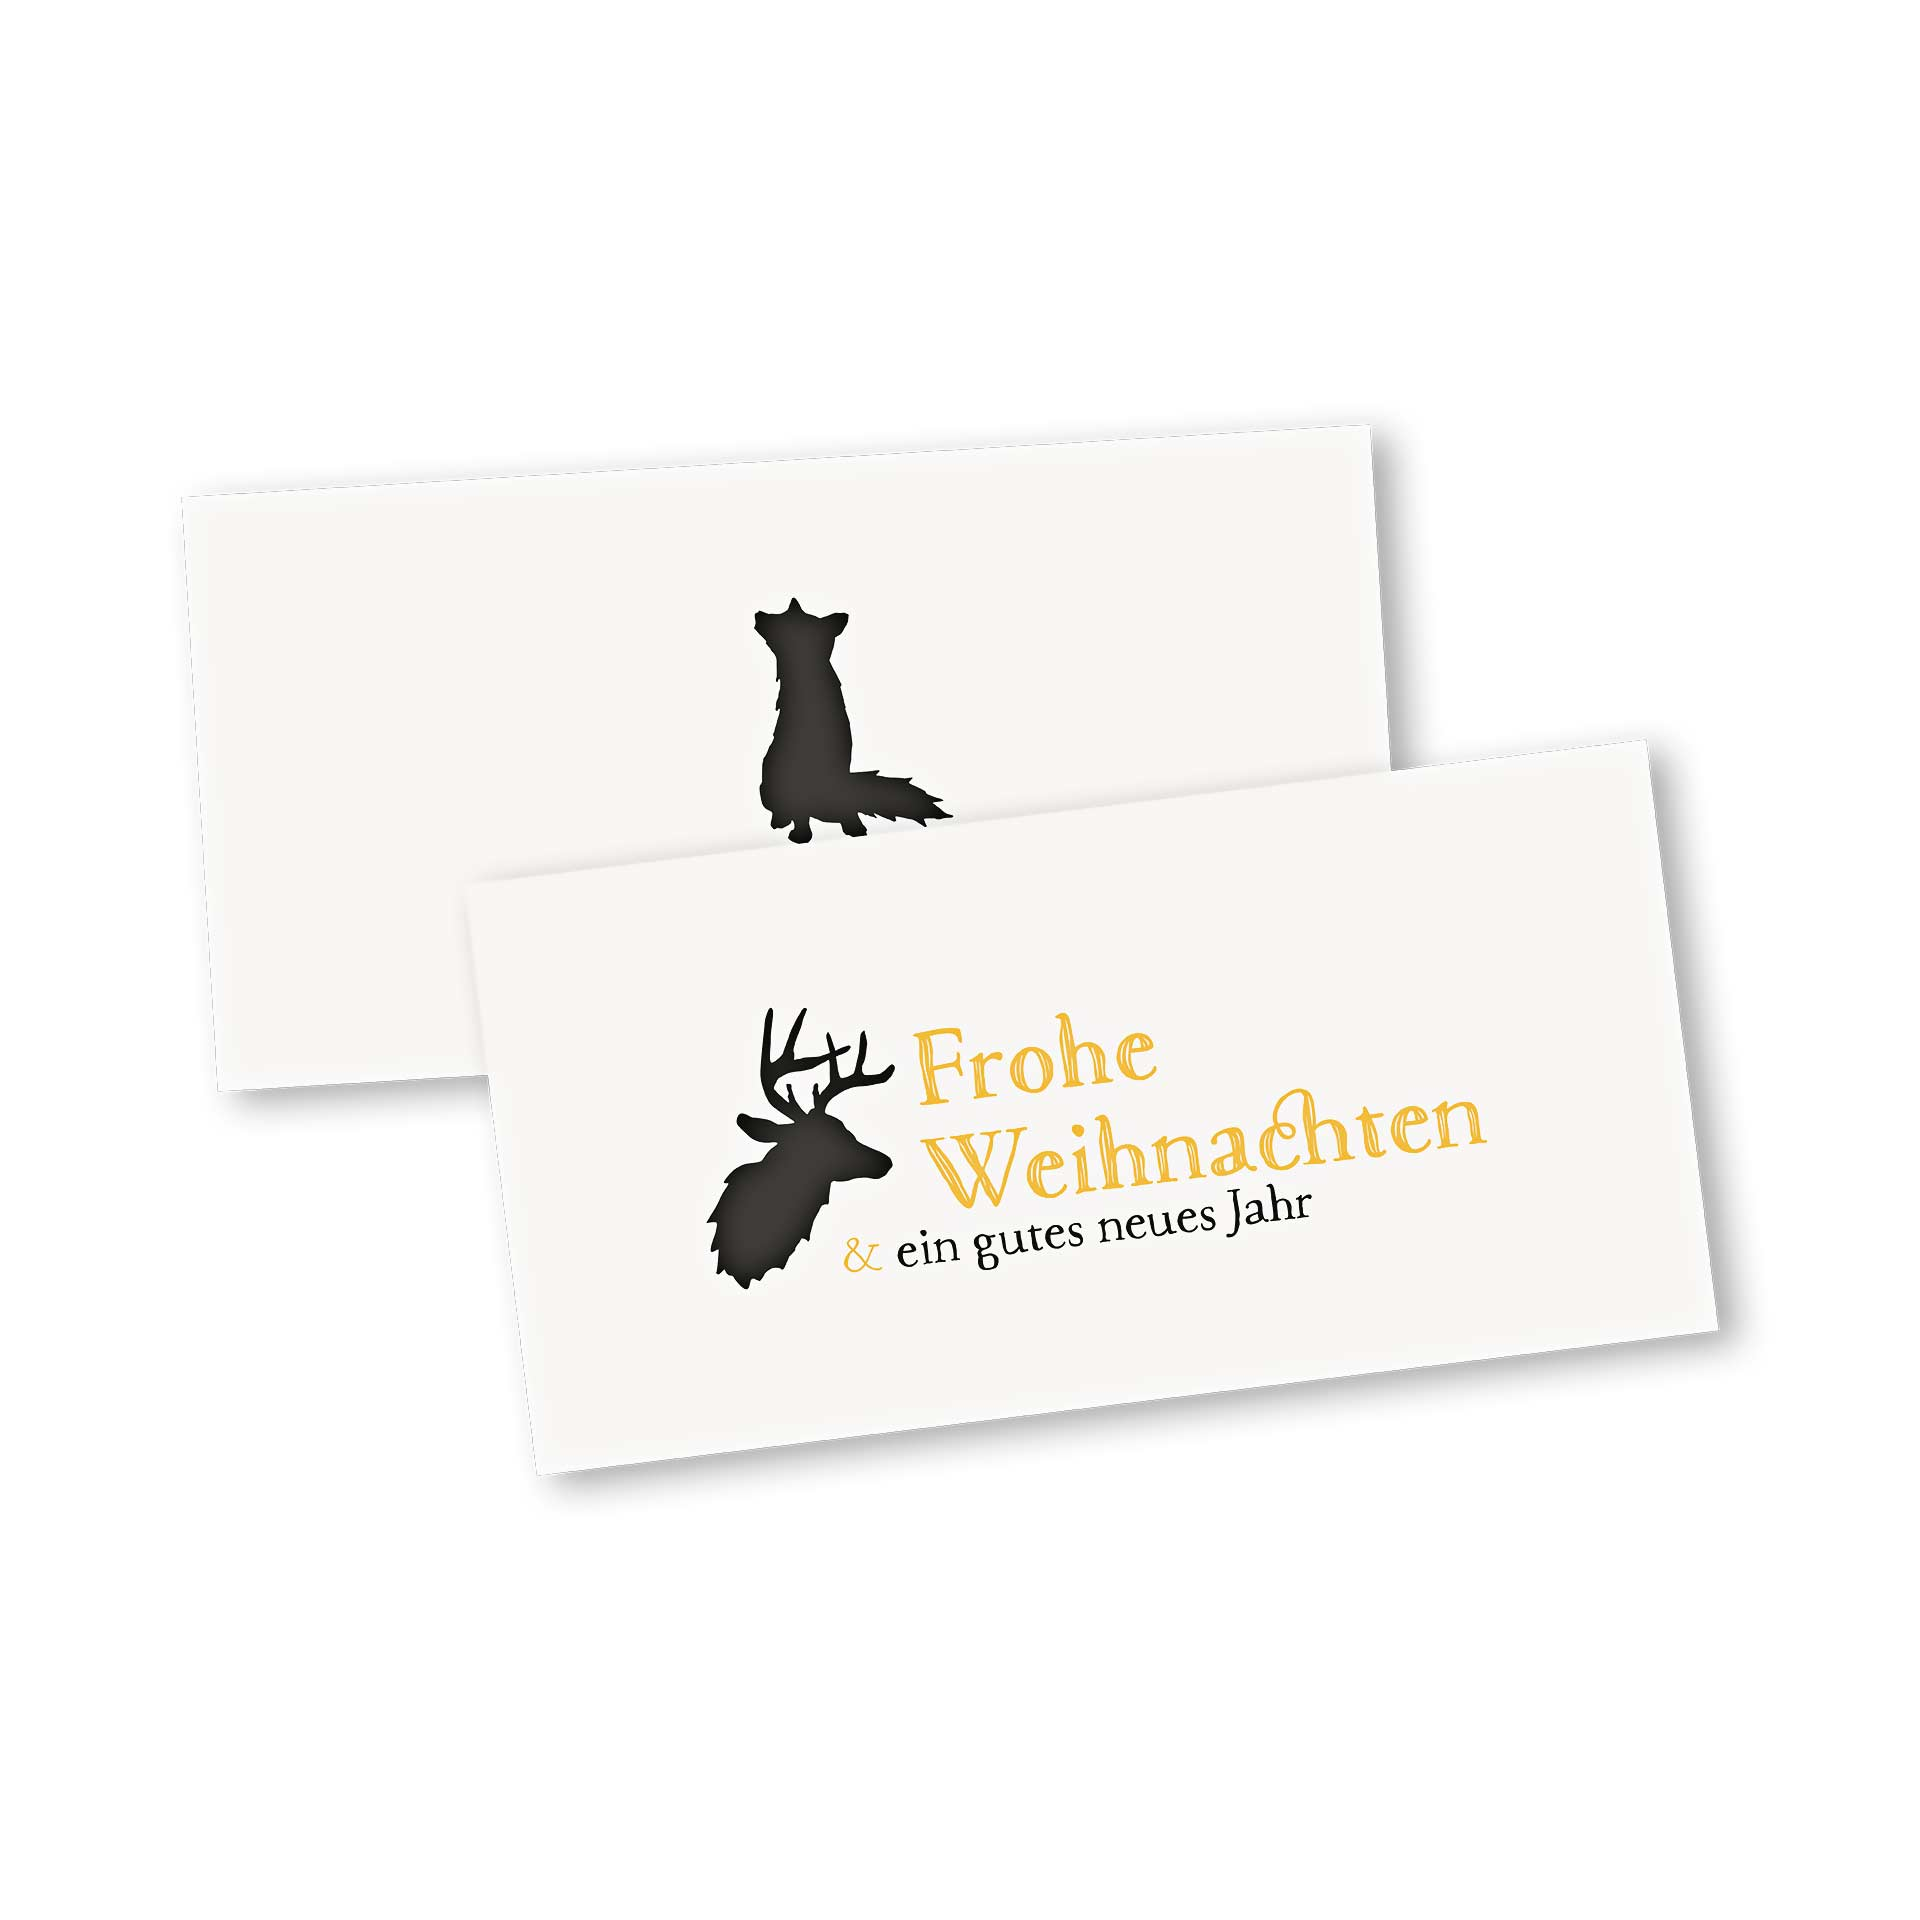 Weihnachtskarte Klappkarte im Design Rentier und Fuchs zu Weihnachten